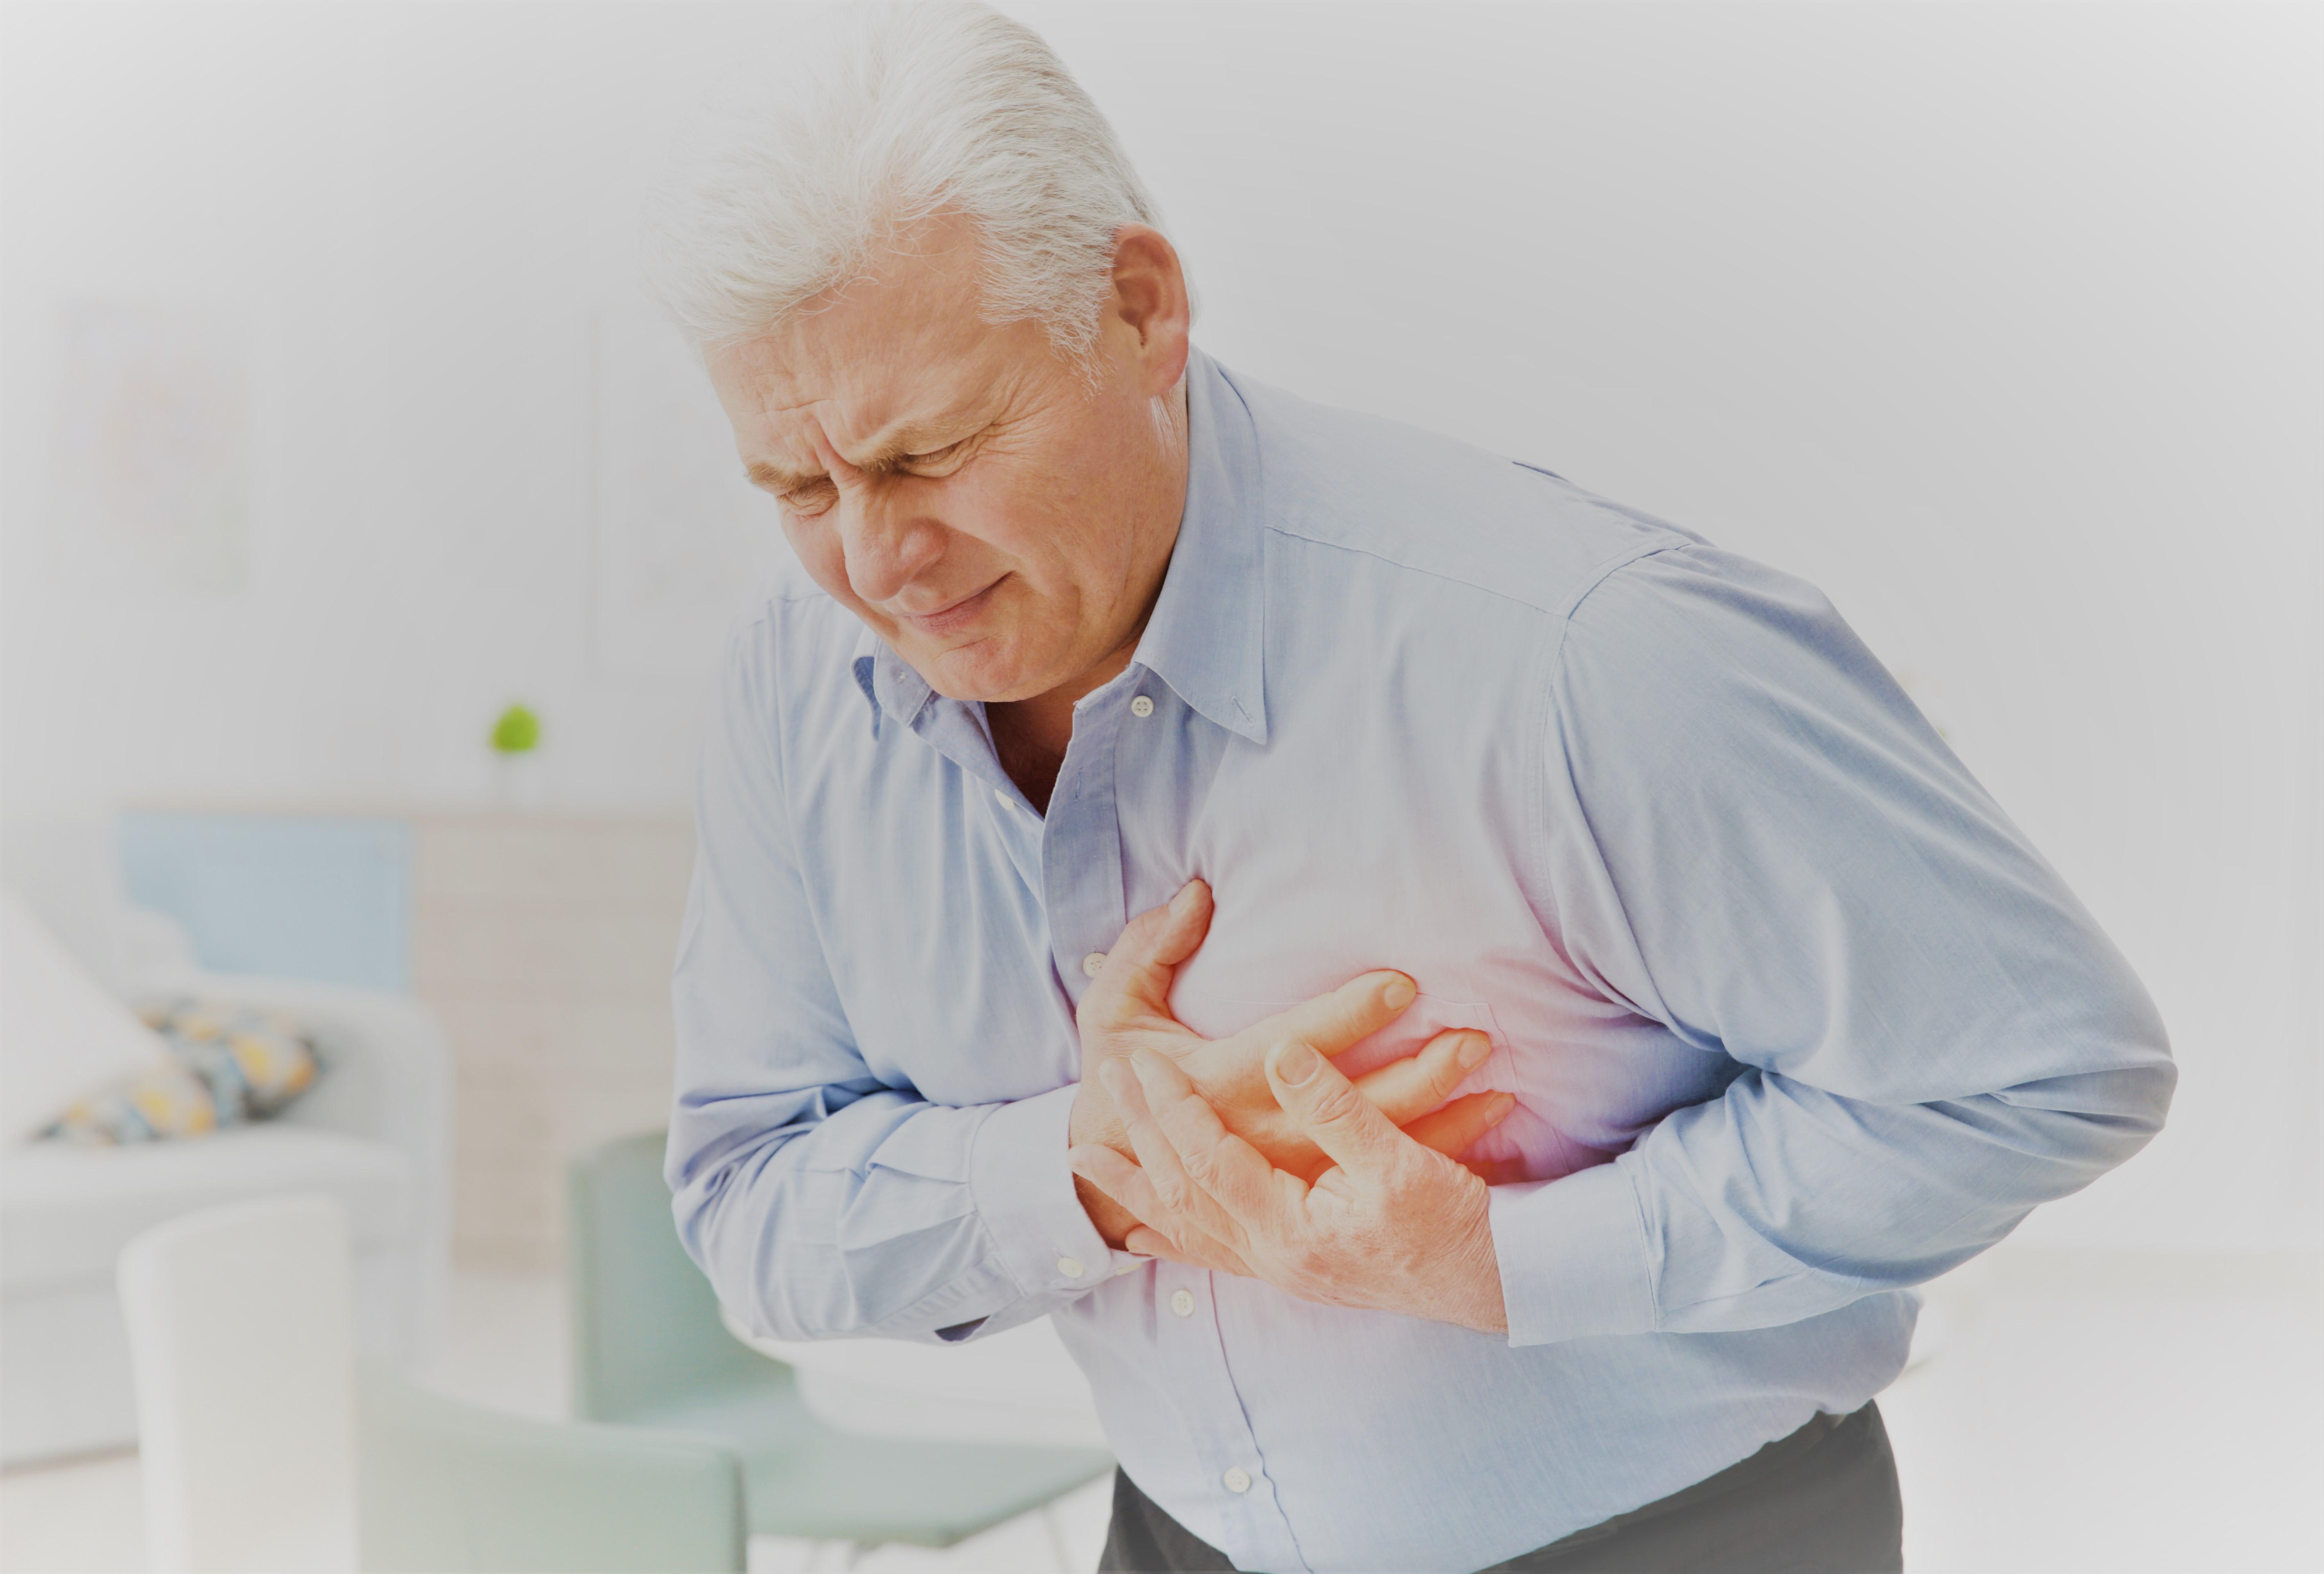 vitaminok a bokaízület ízületi gyulladásaihoz könyök osteoarthrosis betegség